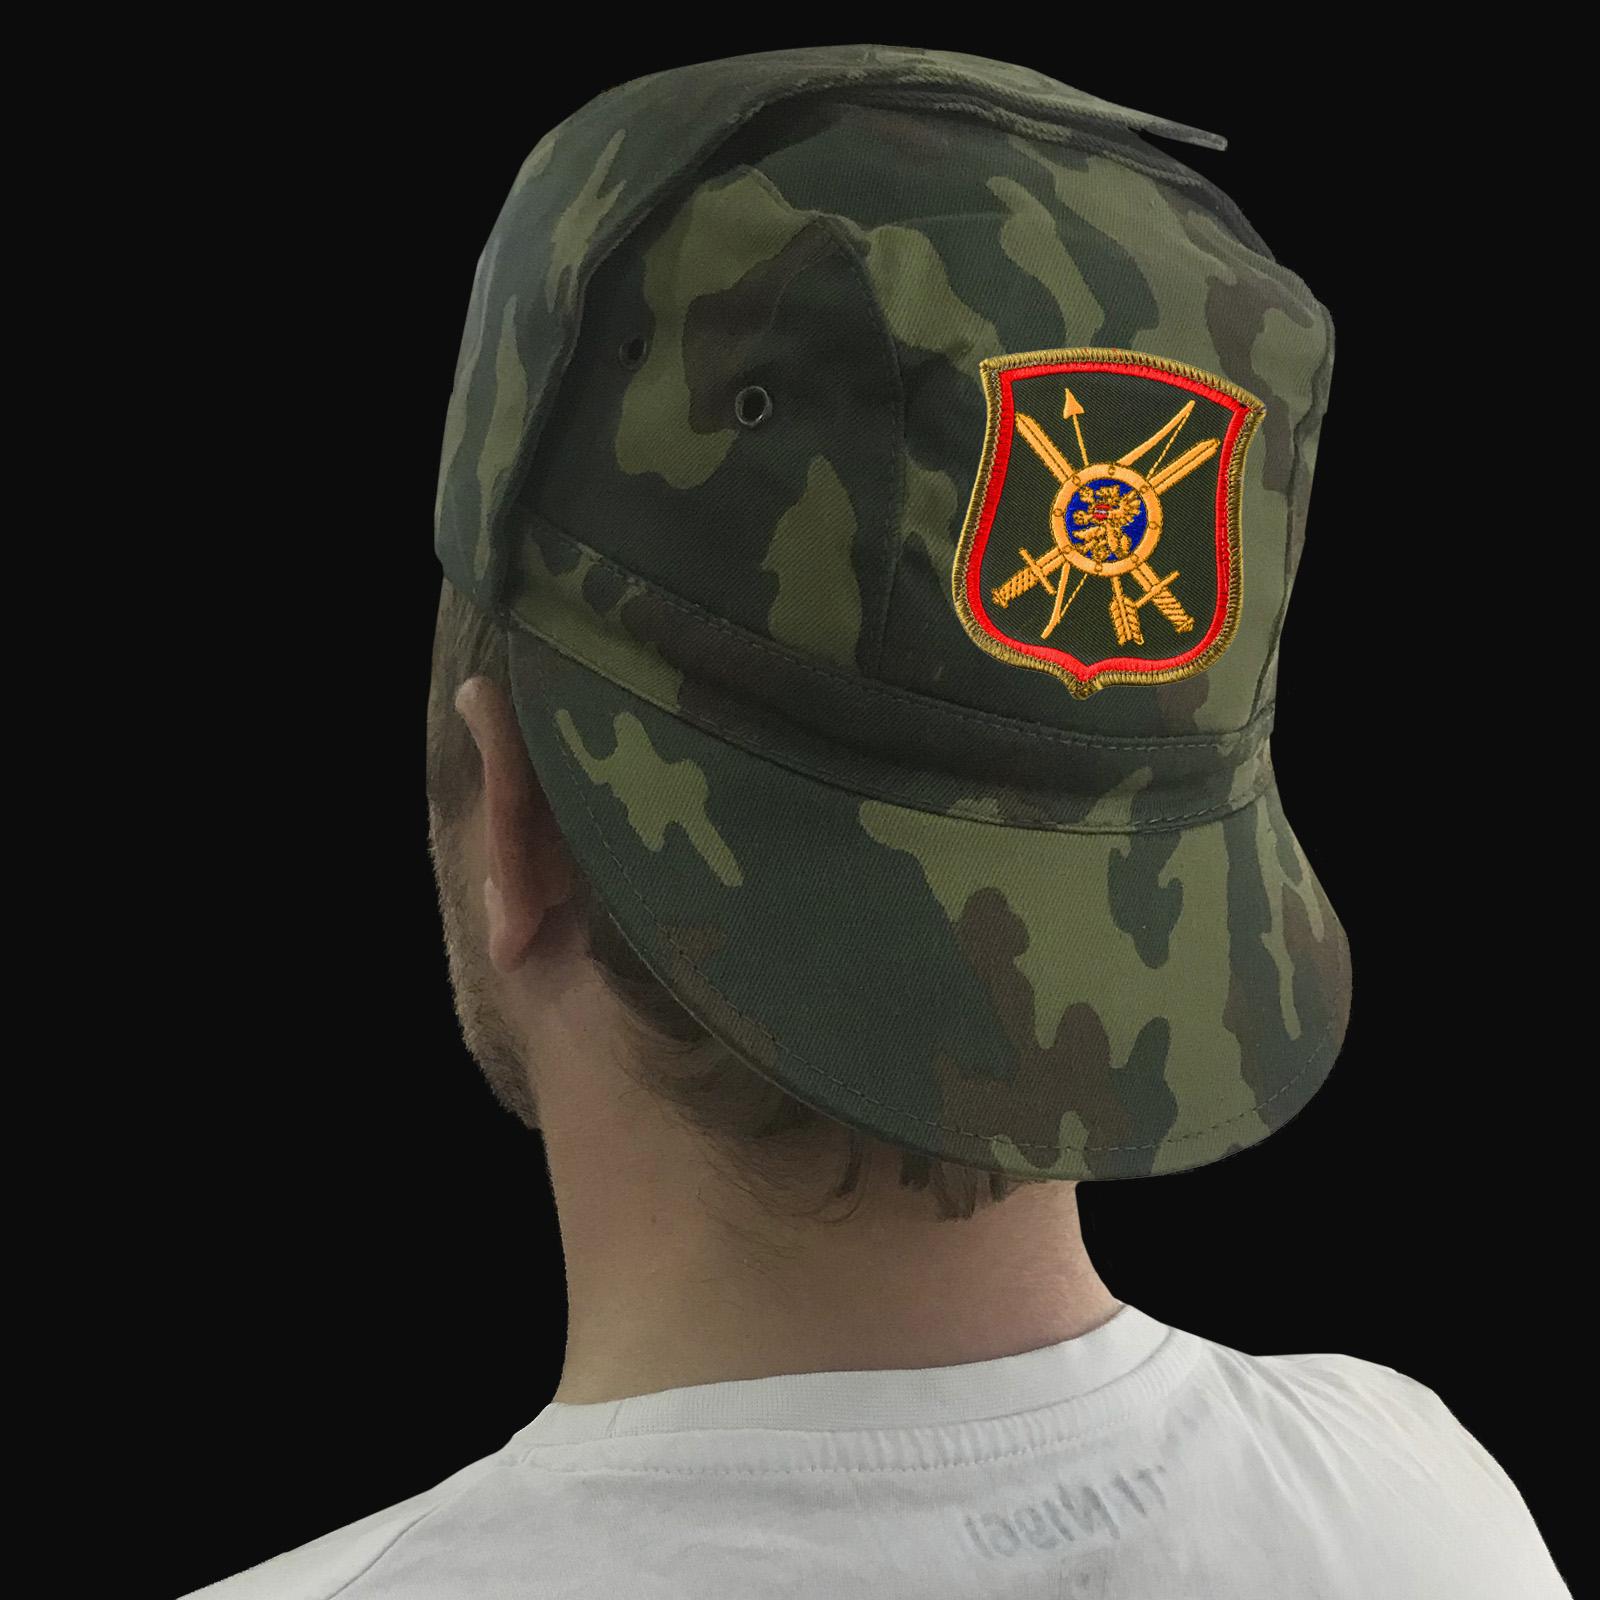 Купить в интернет магазине кепку с символикой РВСН